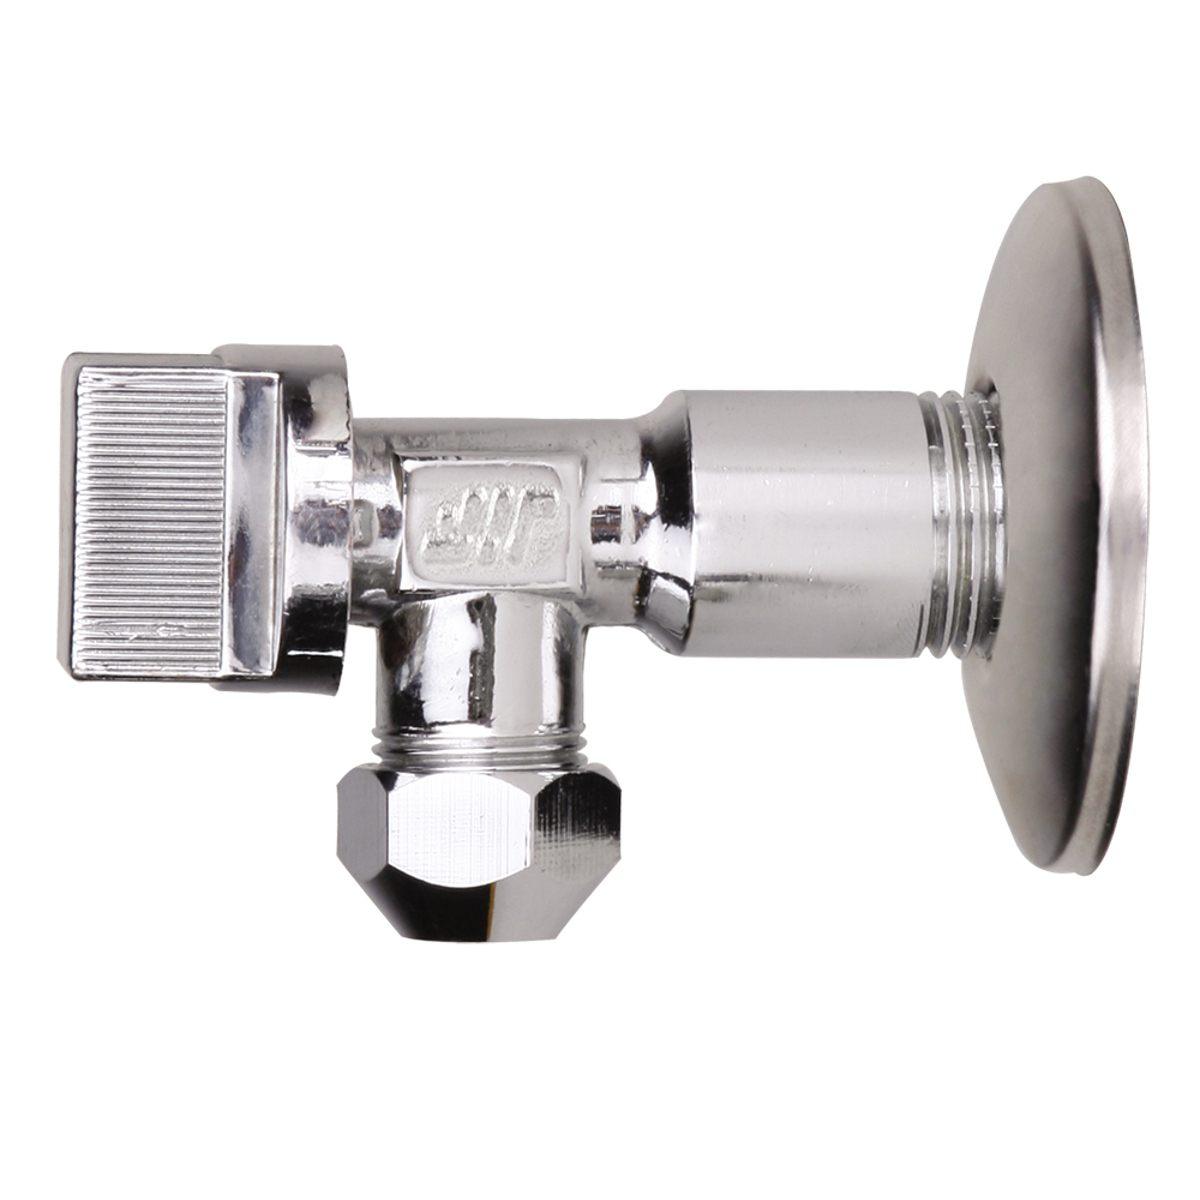 Кран шаровый Jif 265, усилинный, угловой, с цангой M10, 1/2 х 3/8ИС.080444Кран шаровый Jif 265 усиленный, угловой предназначен для подключения стационарных приборов с отражателем 1/2 х 3/8. Шаровый кран выполнен с цангой M10 (тип L86) и имеет хромированное покрытие. Модель применяется для подключения к водопроводной сети санитарных приборов (смывных бачков, и пр.).